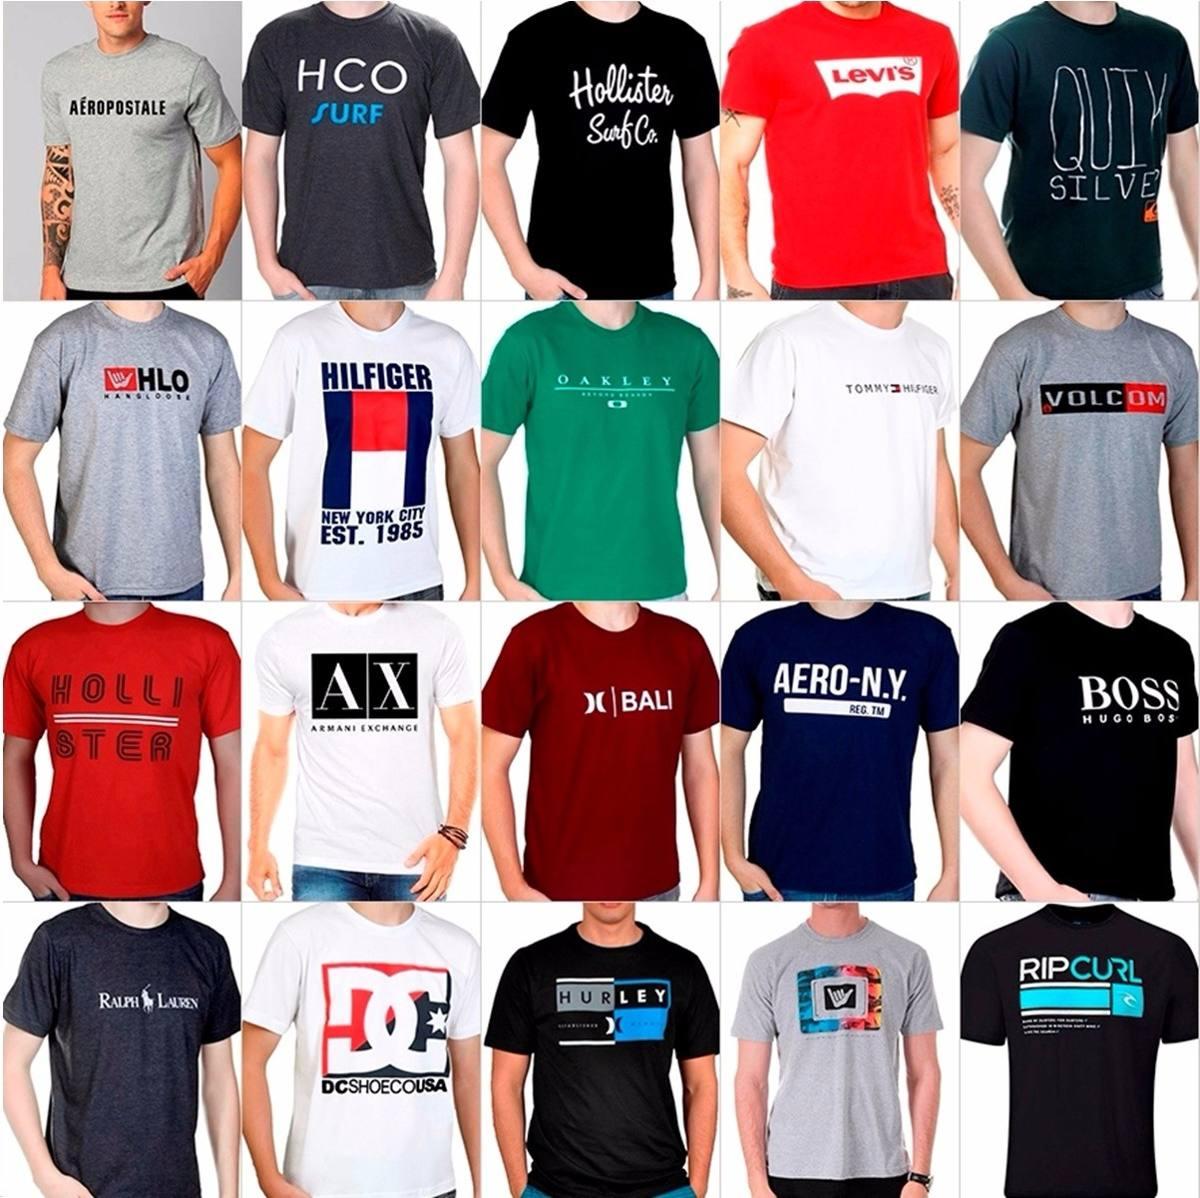 Kit 3 Camisas Camisetas Grife Lote Preço De Atacado - R  34 1b3ad4ec724